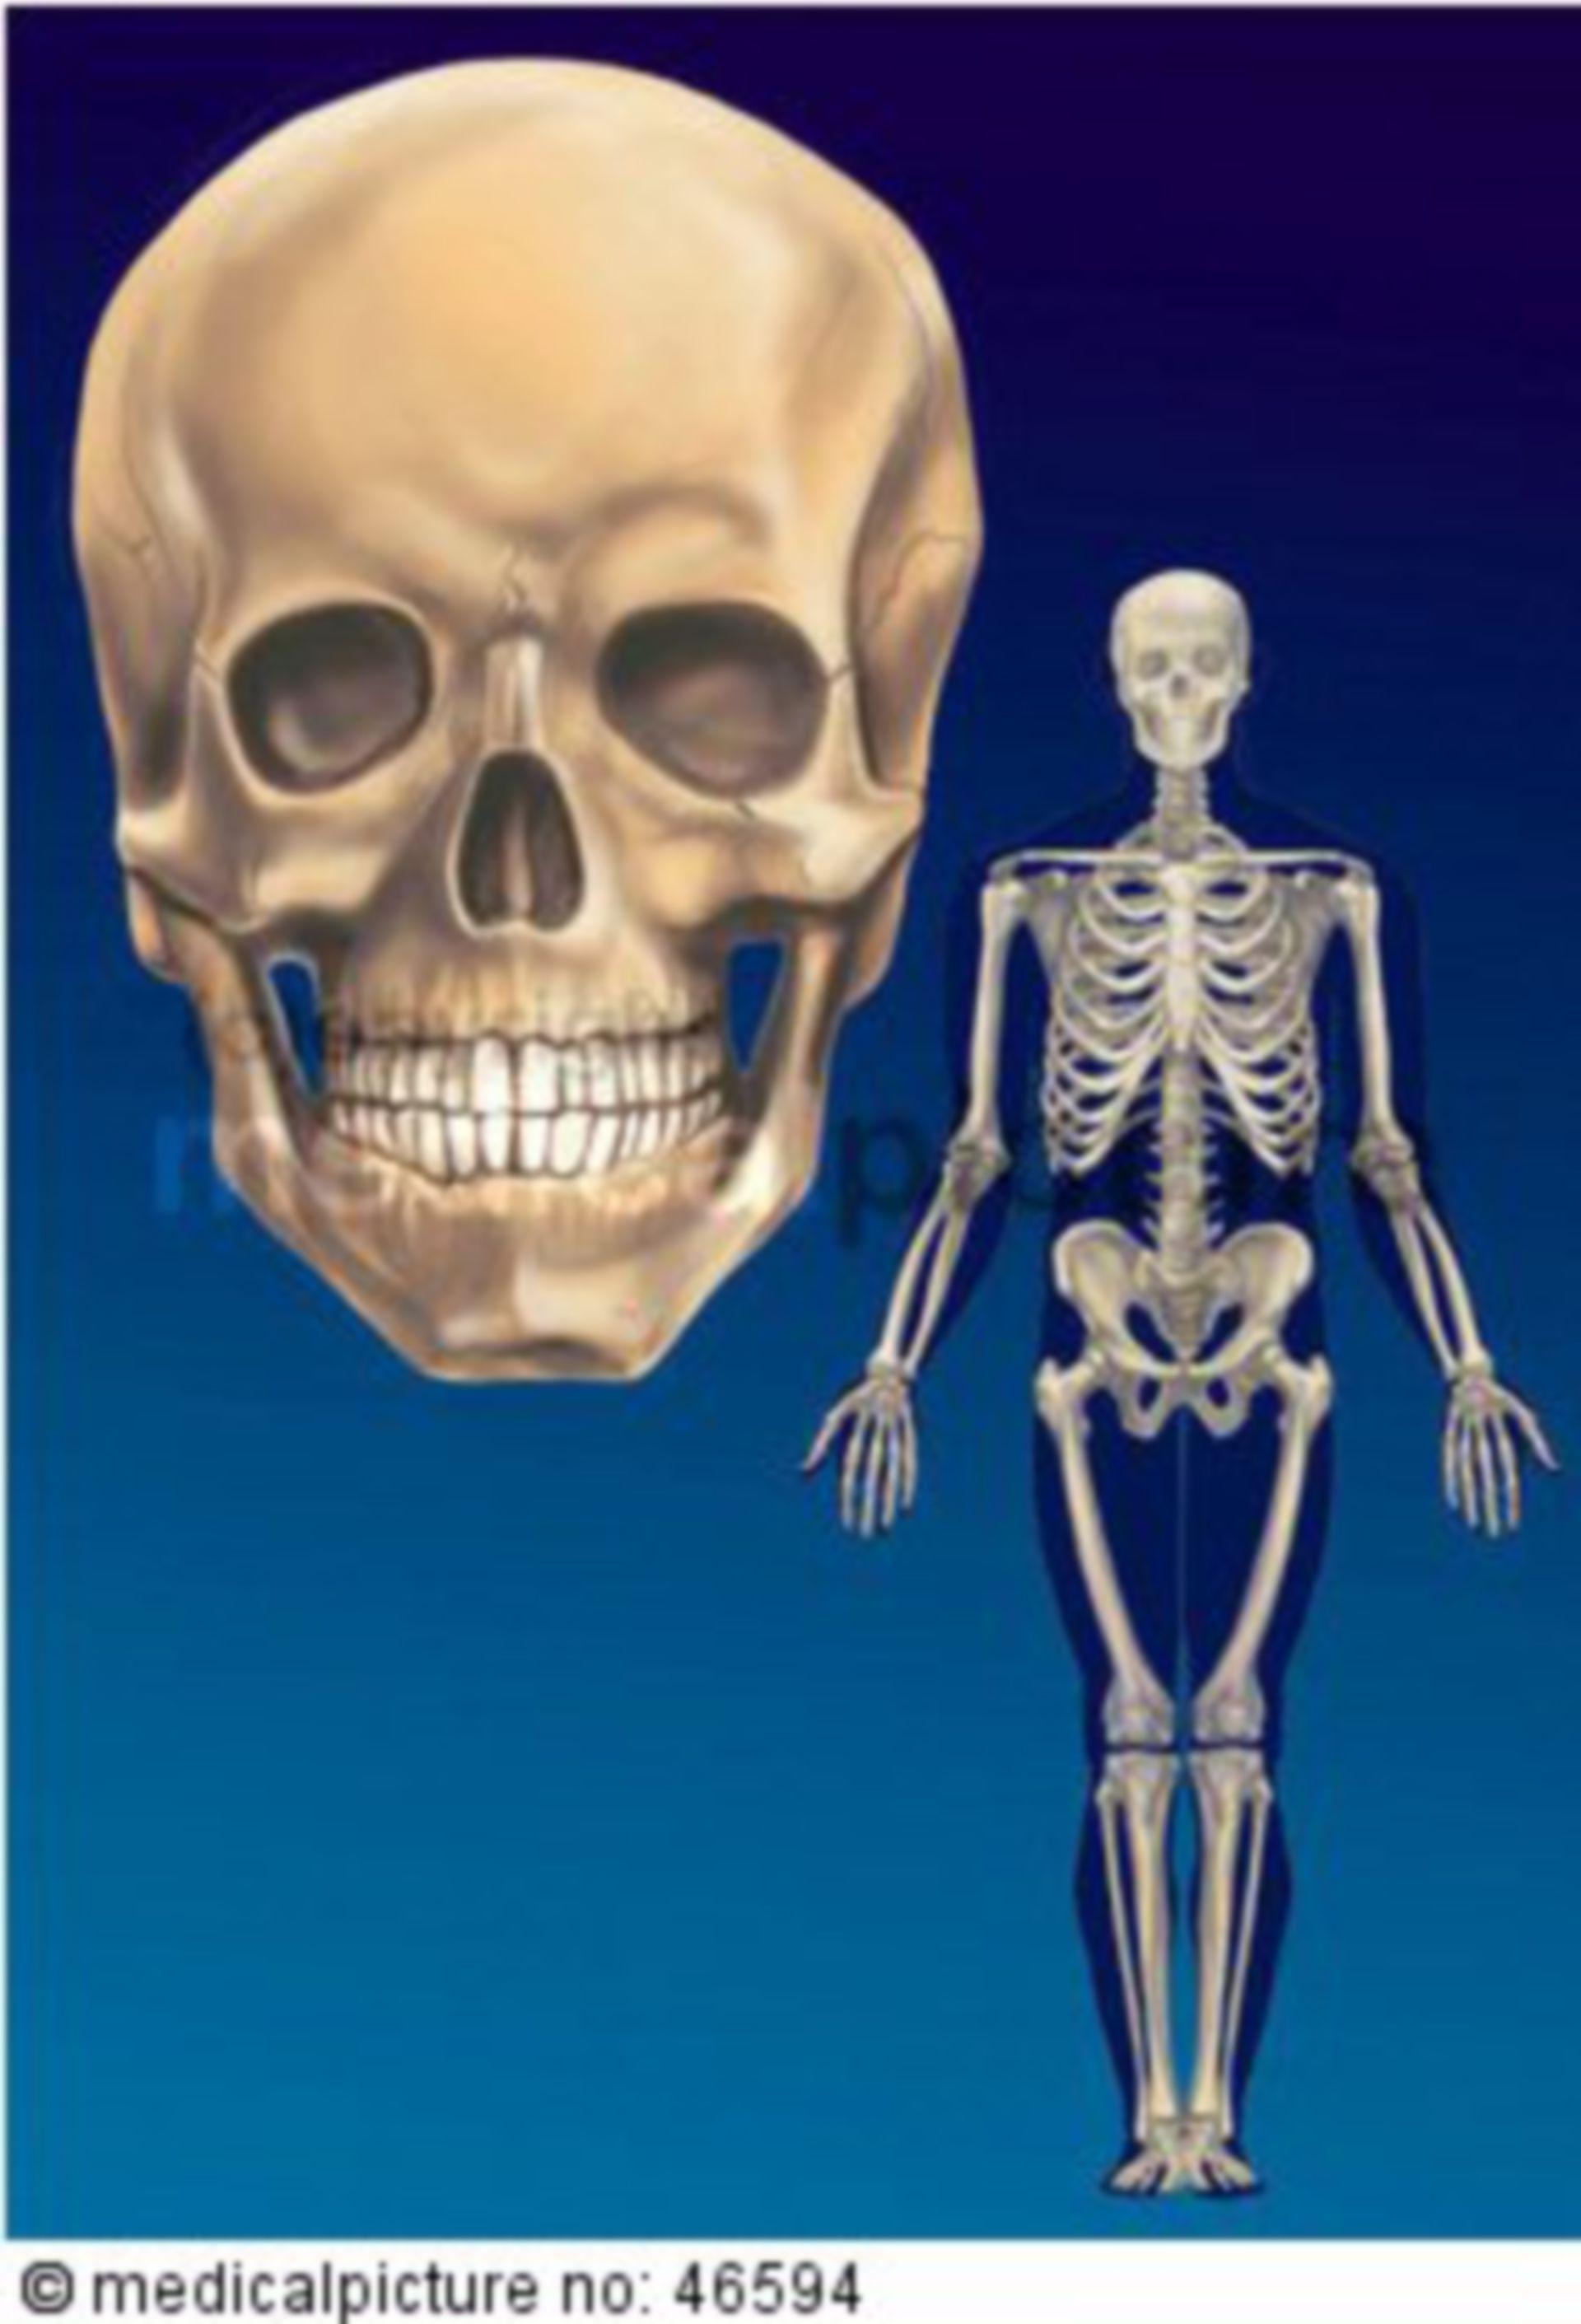 Menschliches Skelett und Schädel